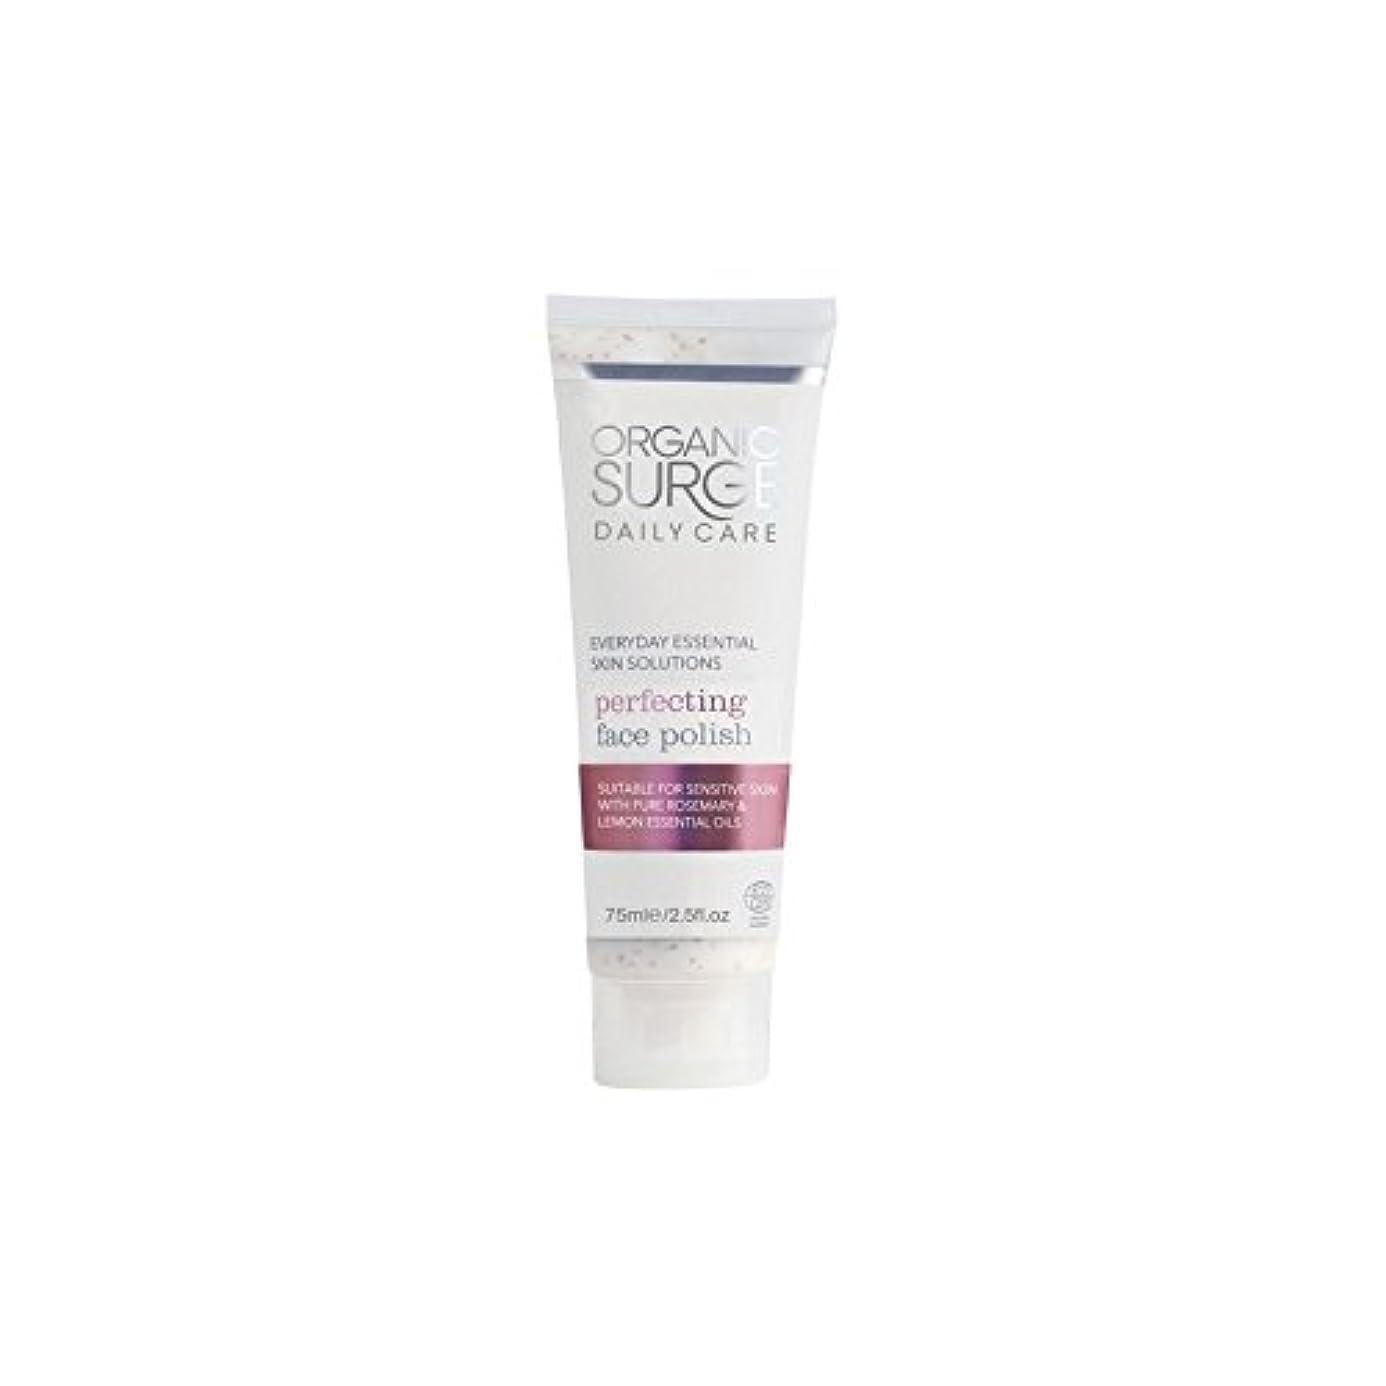 死傷者普及置き場Organic Surge Daily Care Perfecting Face Polish (75ml) (Pack of 6) - 面研磨を完成有機サージ毎日のケア(75ミリリットル) x6 [並行輸入品]